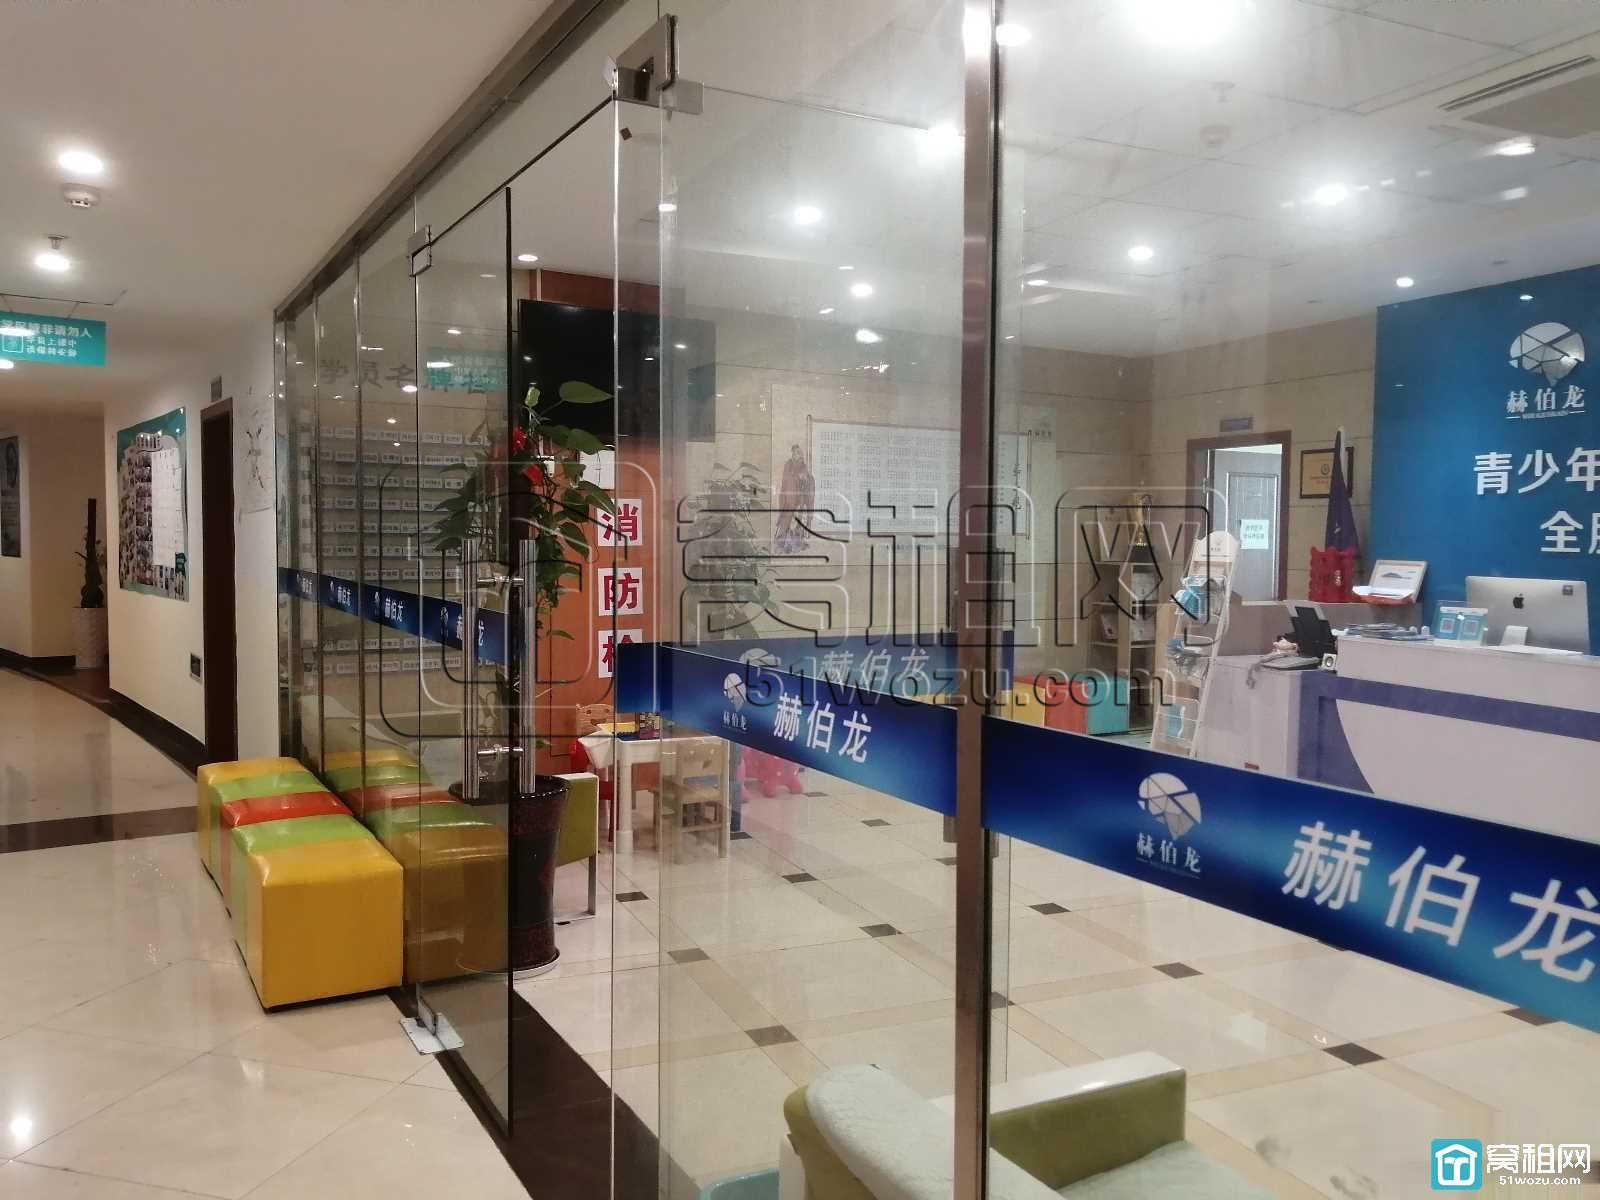 宁波高新区新华书店大楼宁波科技大厦出租